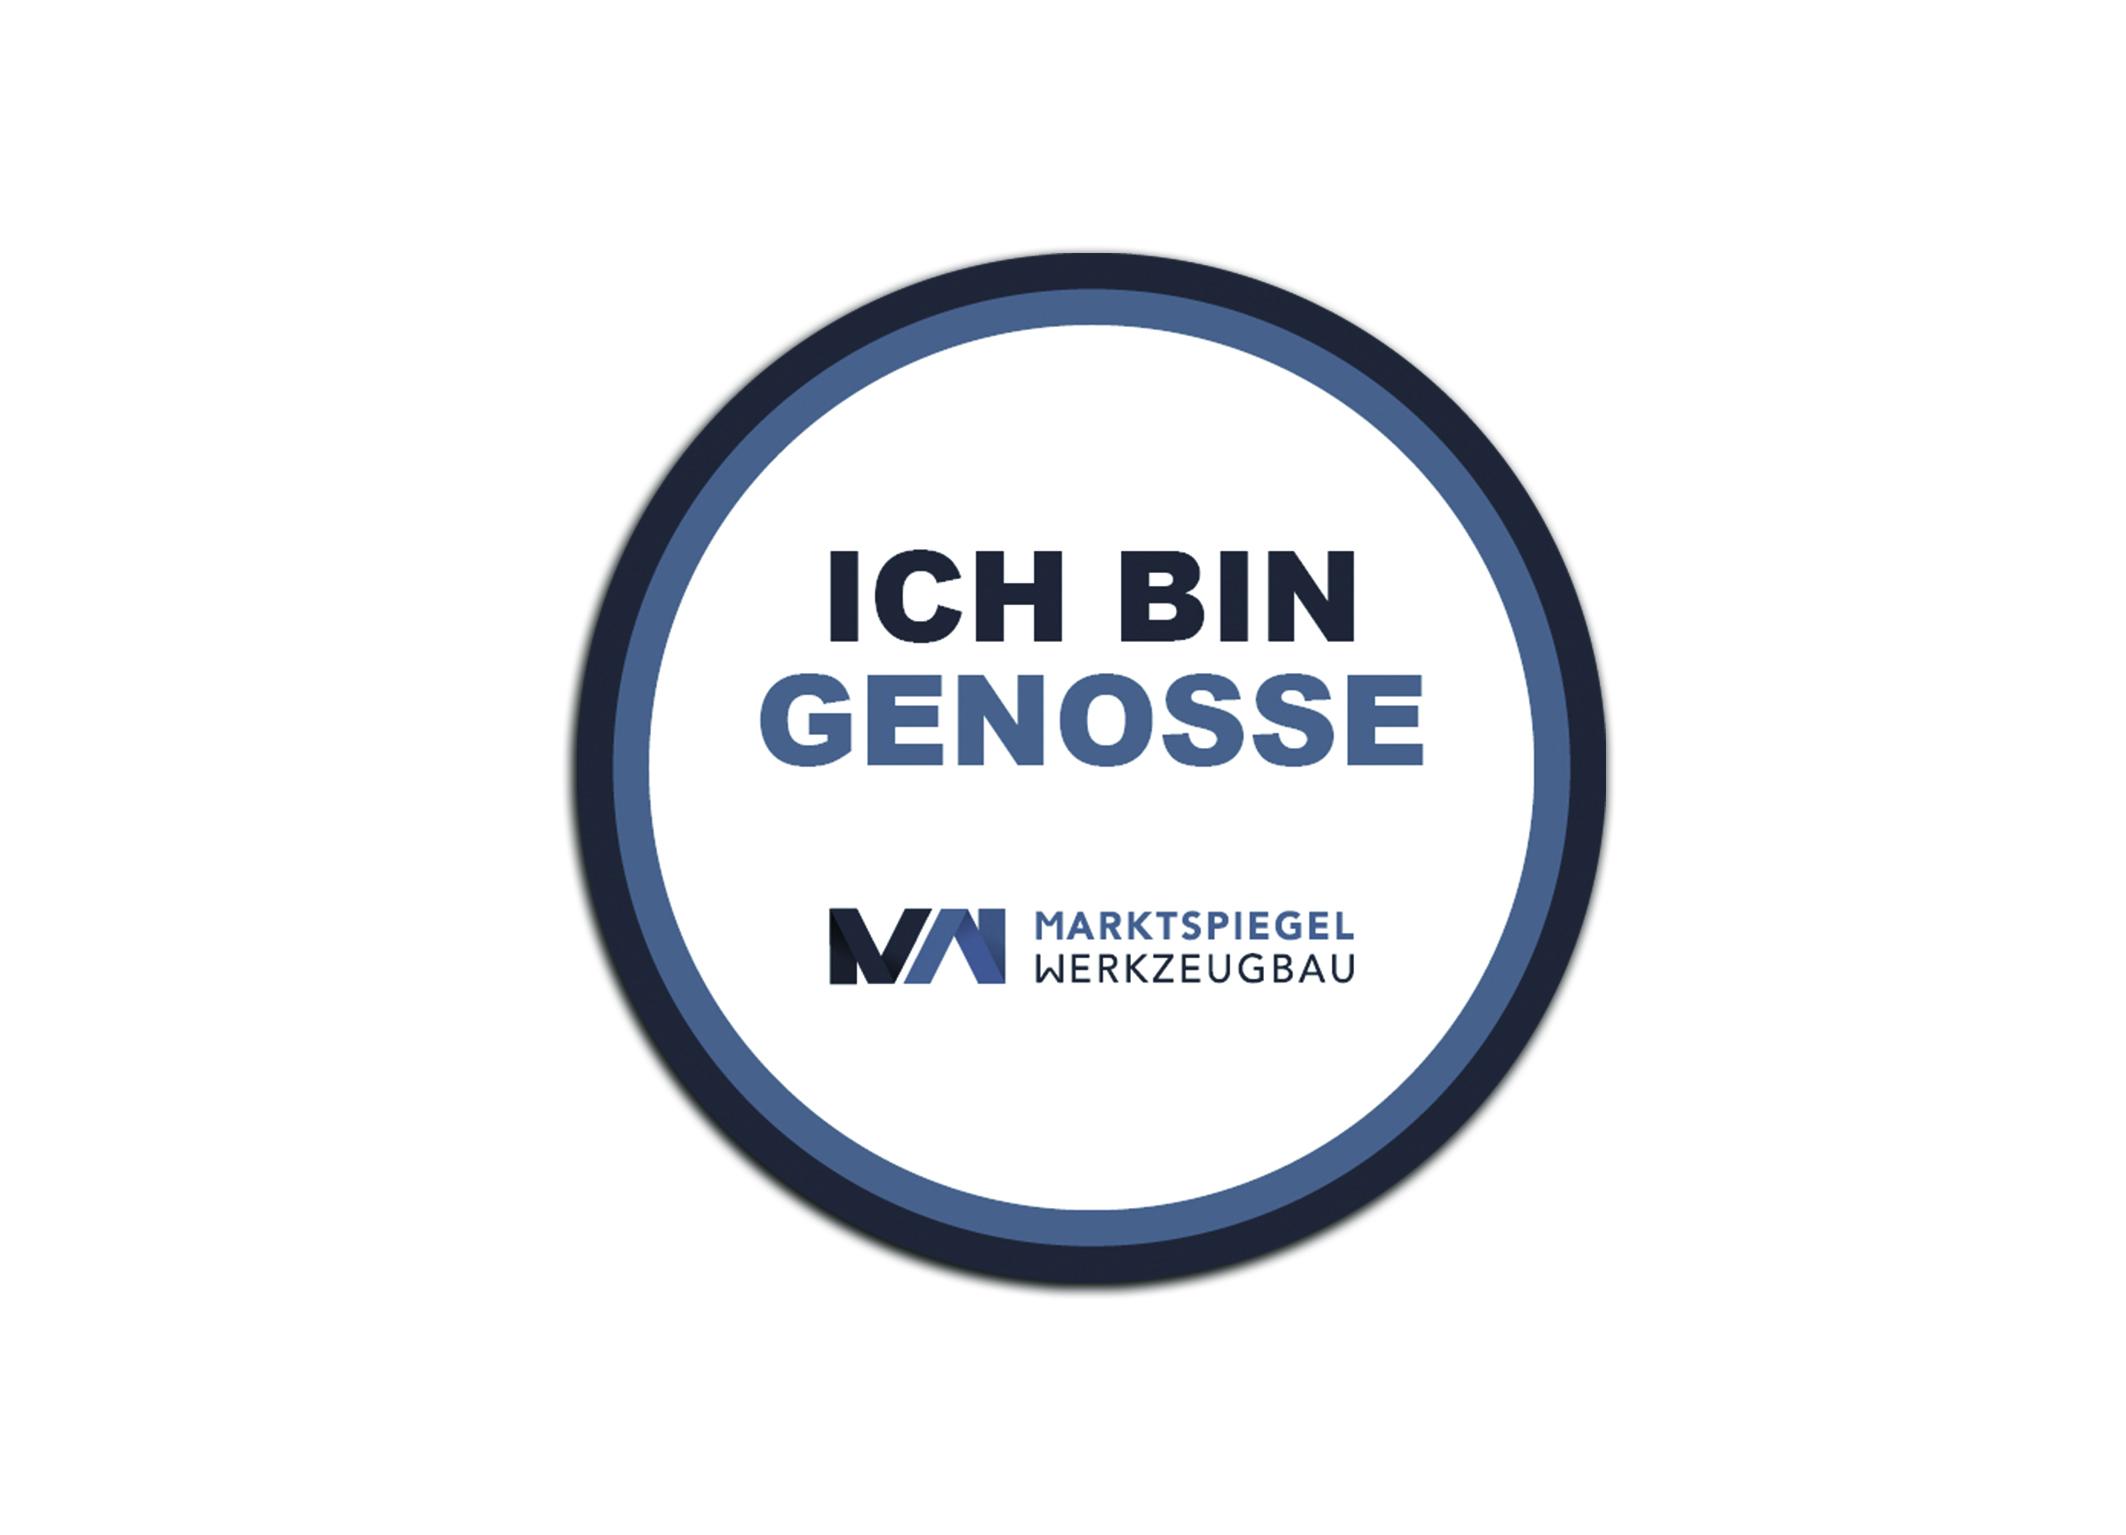 Marktspiegel-Werkzeugbau_Ich-bin-Genosse